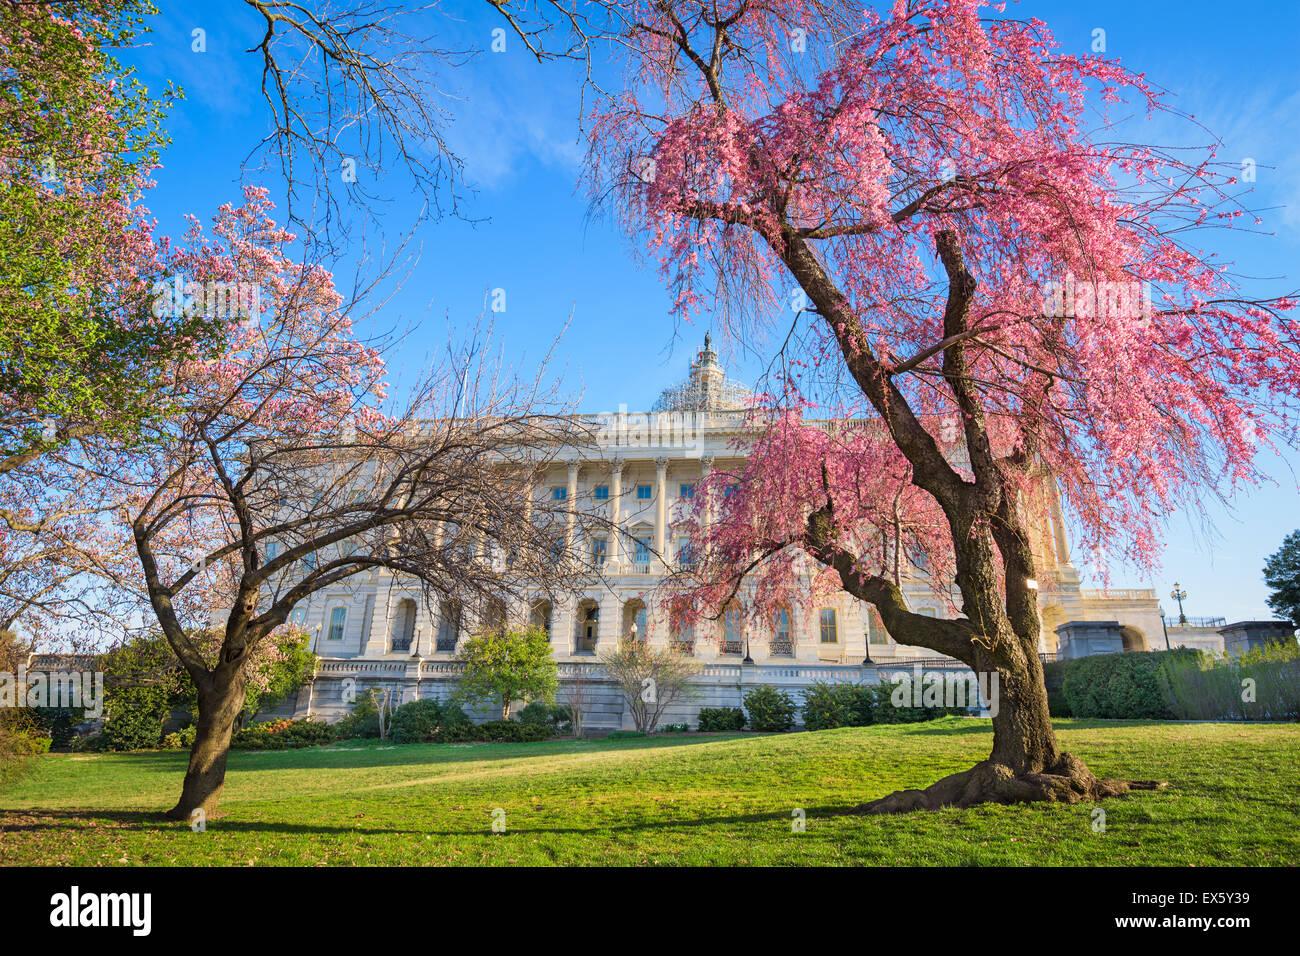 Washington DC en el Edificio del Capitolio durante la temporada de primavera. Imagen De Stock